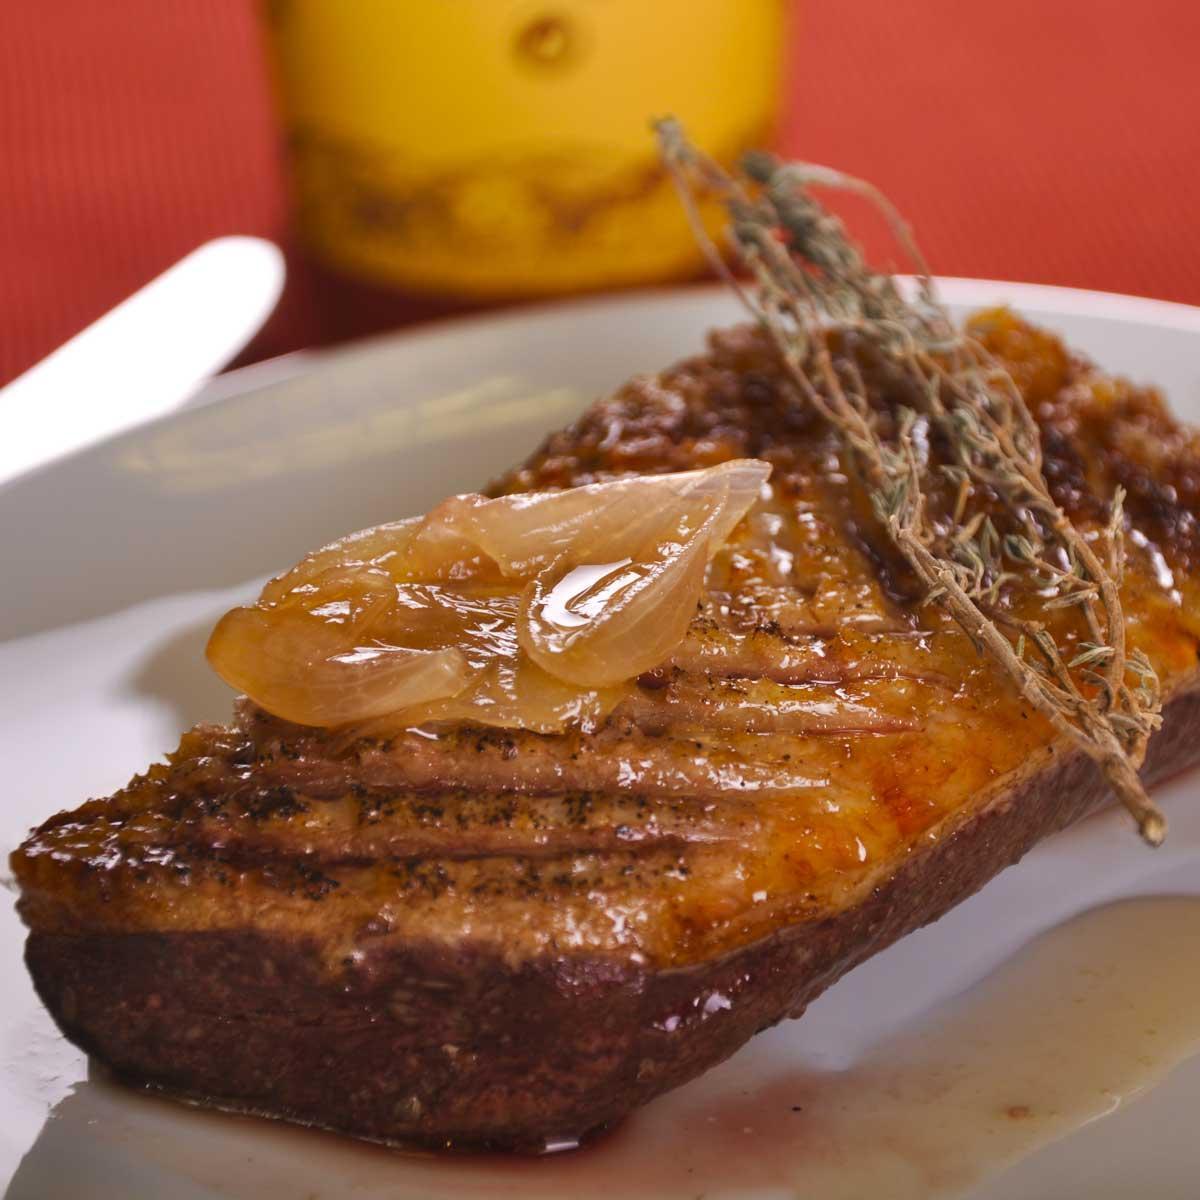 Recette magret de canard au miel cuisine madame figaro - Site de recettes cuisine ...